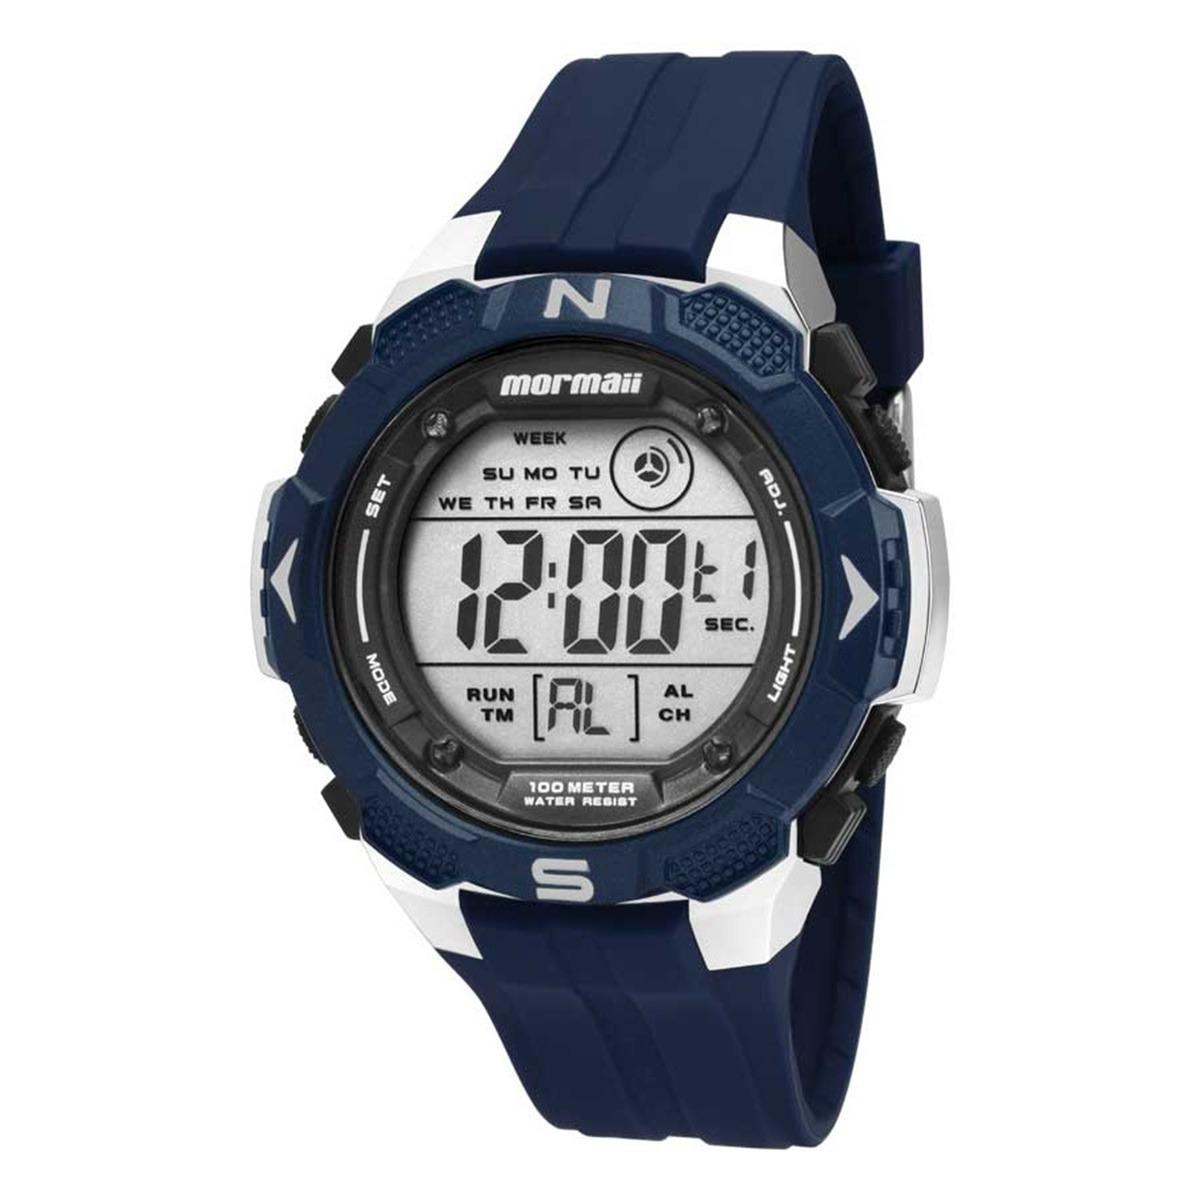 b3e25219566 relógio esportivo mormaii masculino digital 100m mo2908 8a. Carregando zoom.